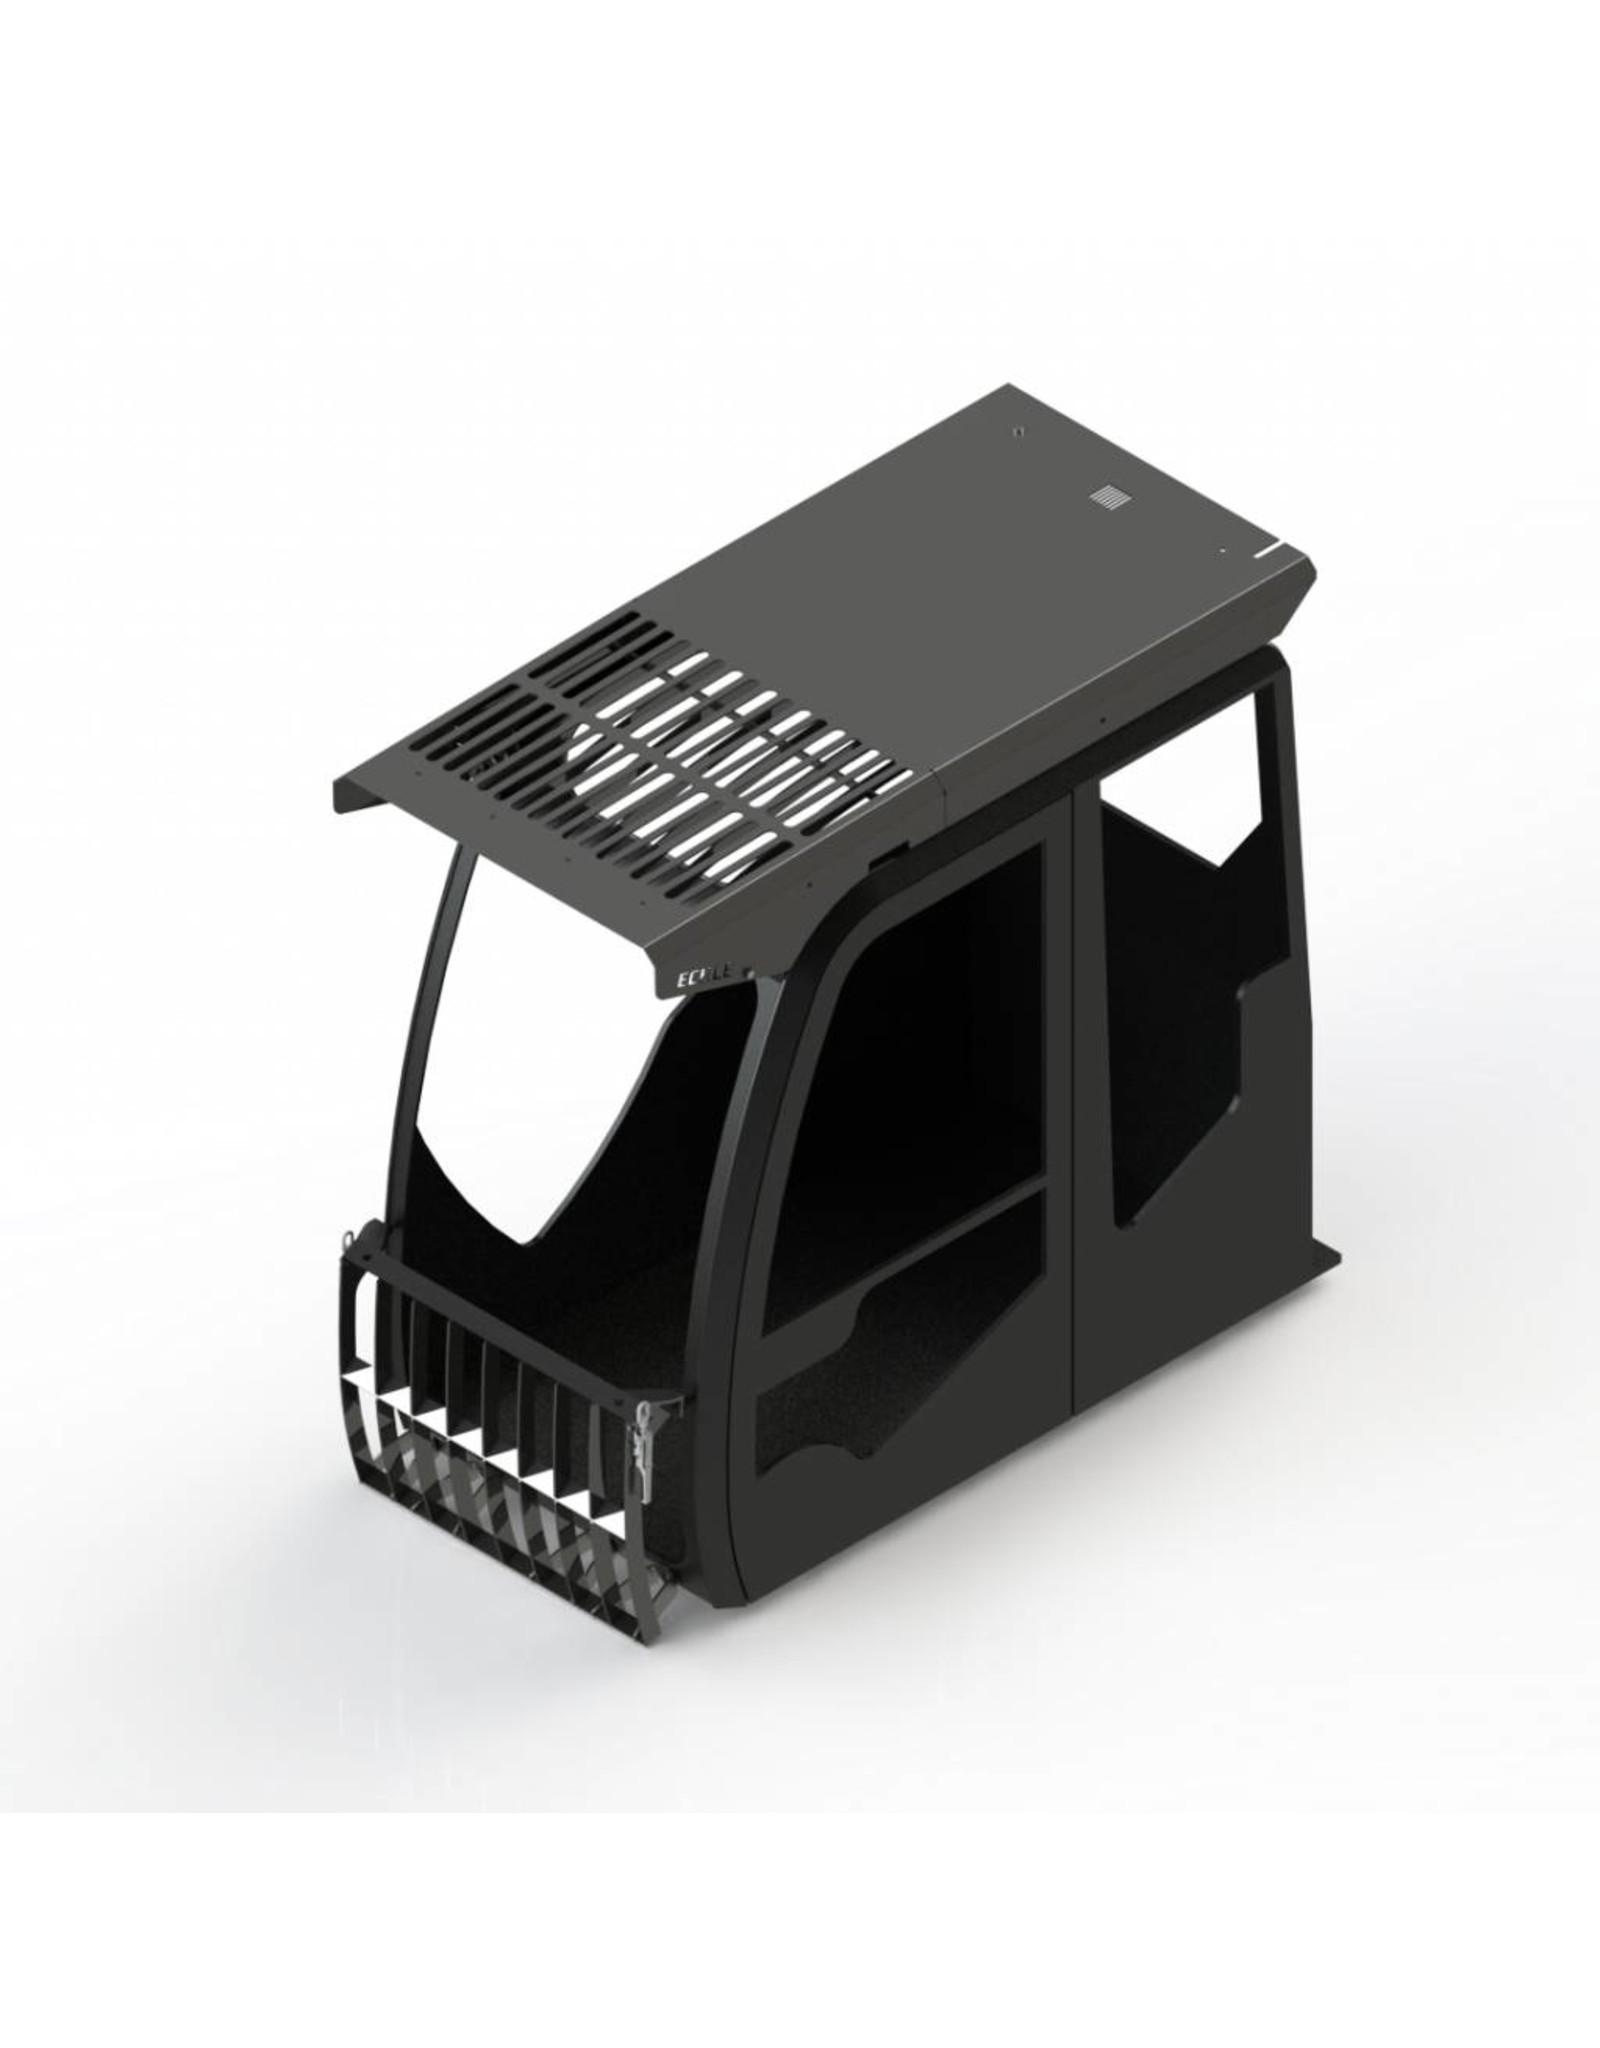 Echle Hartstahl GmbH FOPS pour Komatsu PC490LC-10/11